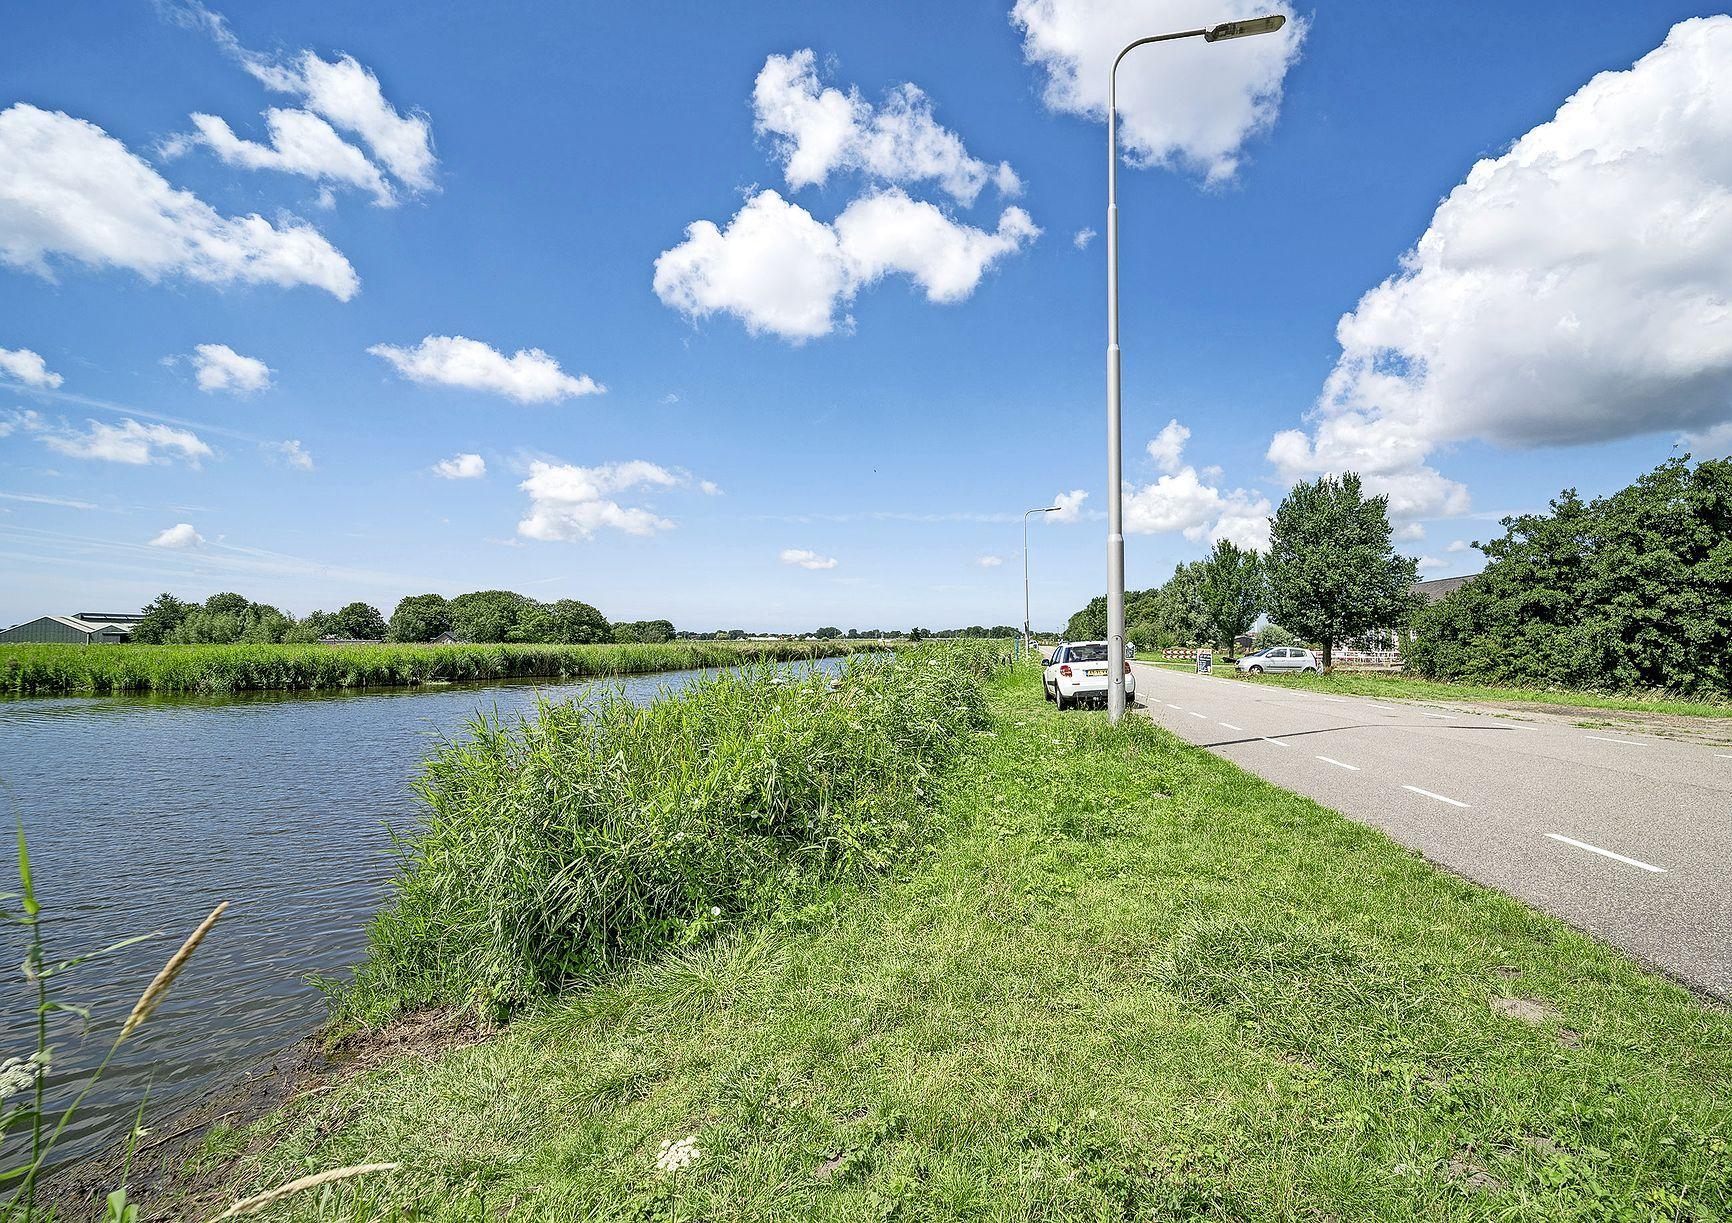 Overlastgevende tewaterlaatplaatsen in Heerhugowaard en Langedijk worden voorlopig niet gesloten. Vrees voor drukte op andere plekken